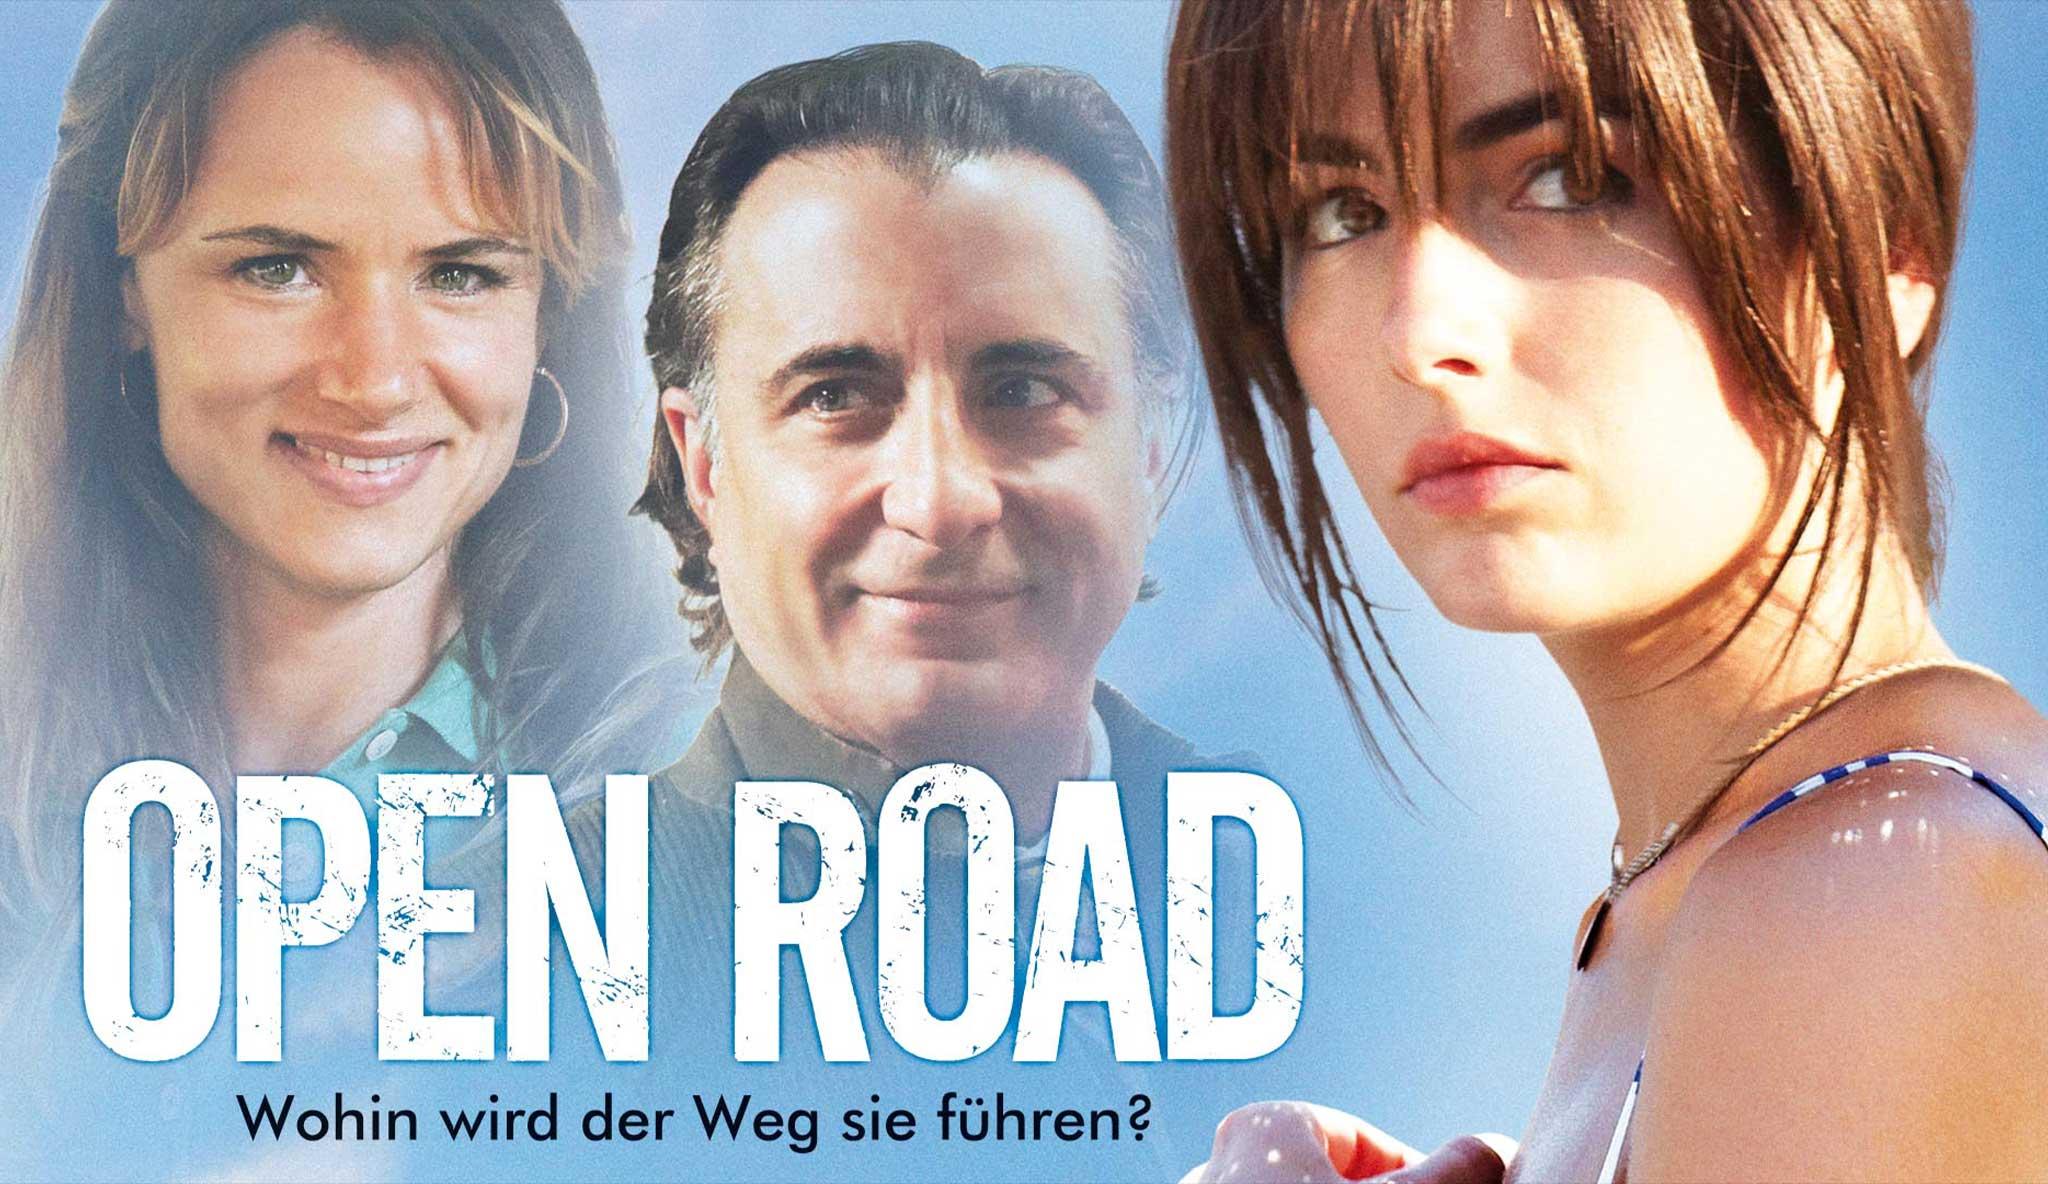 open-road-wohin-wird-der-weg-sie-fuhren\header.jpg